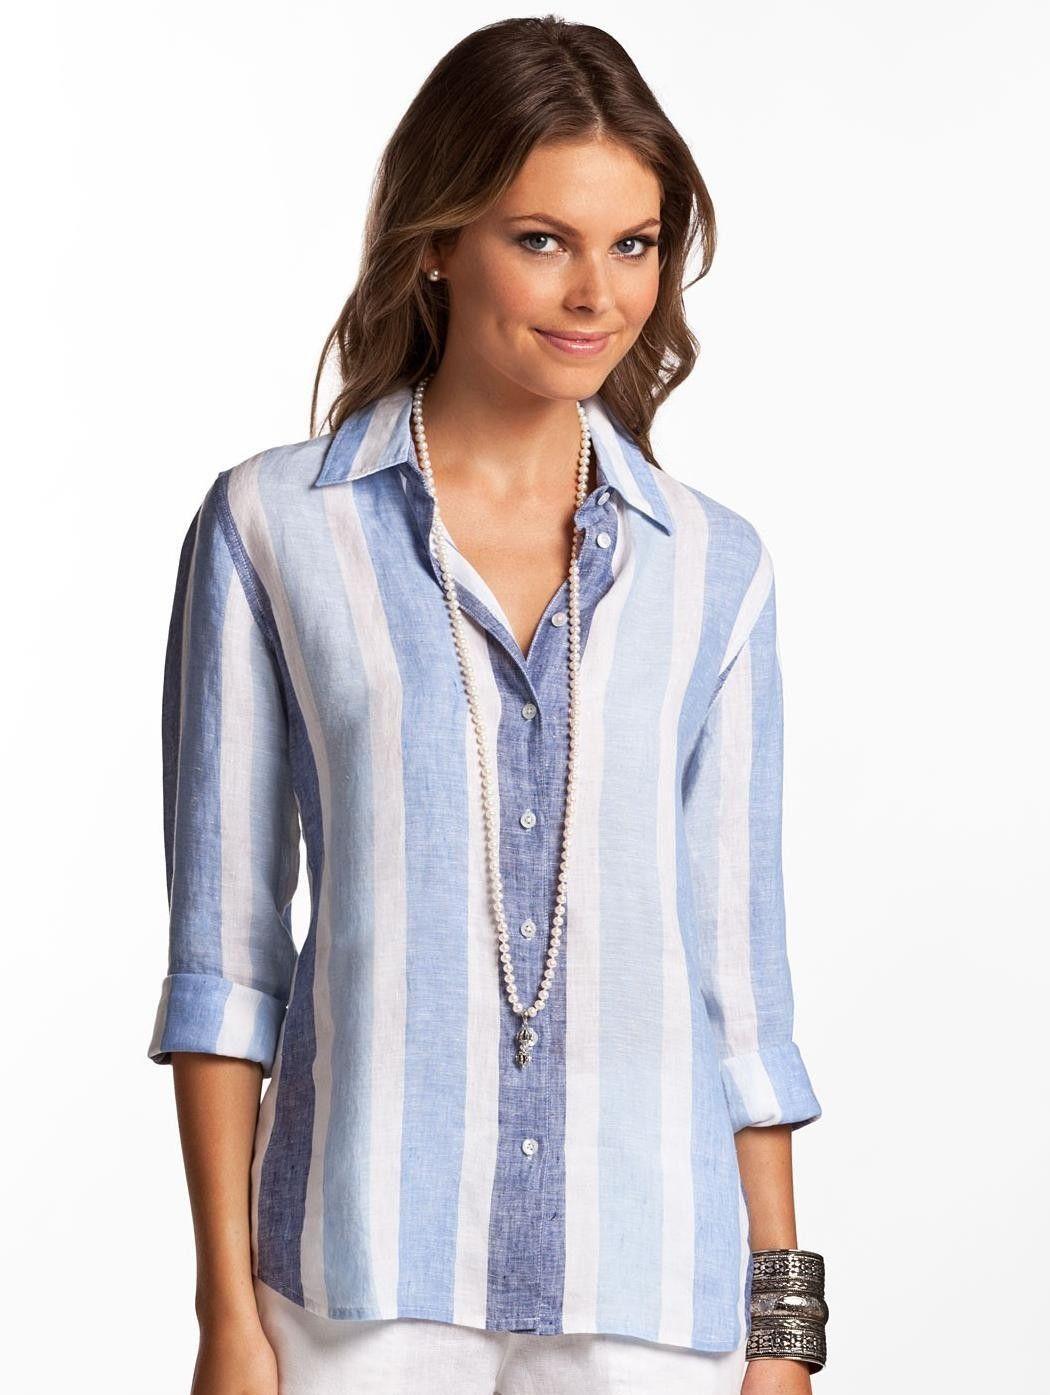 buckley classic blue striped linen shirt for women